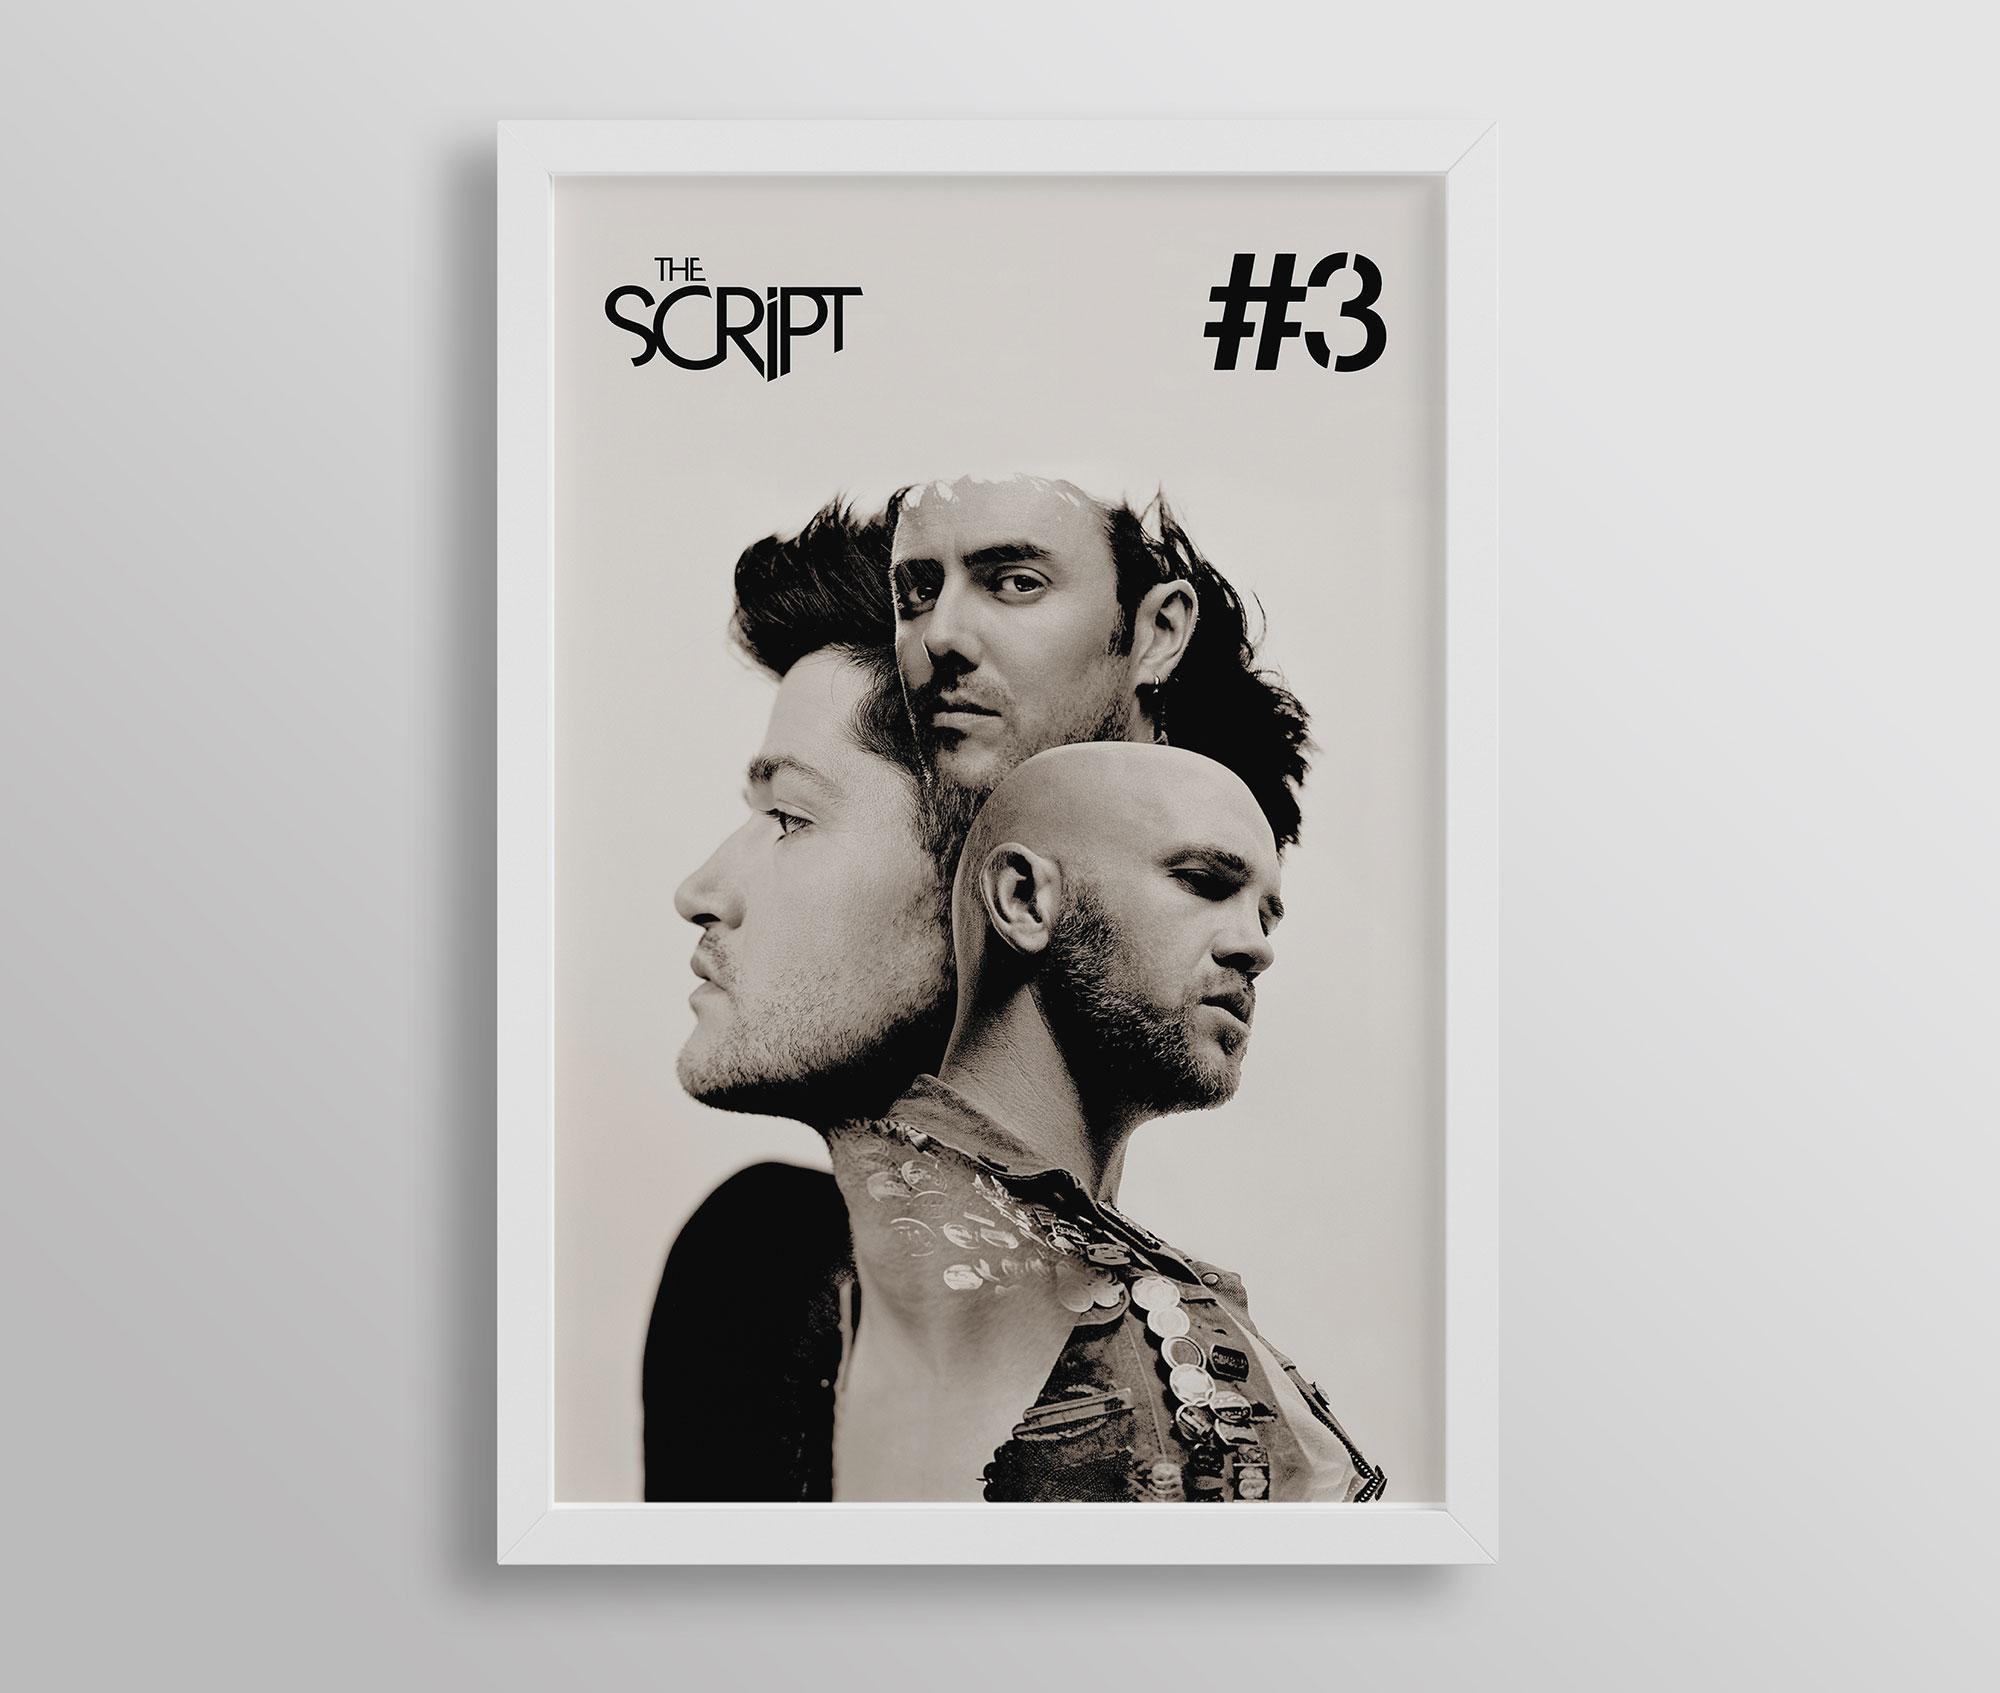 Music Poster Design London Dublin 03